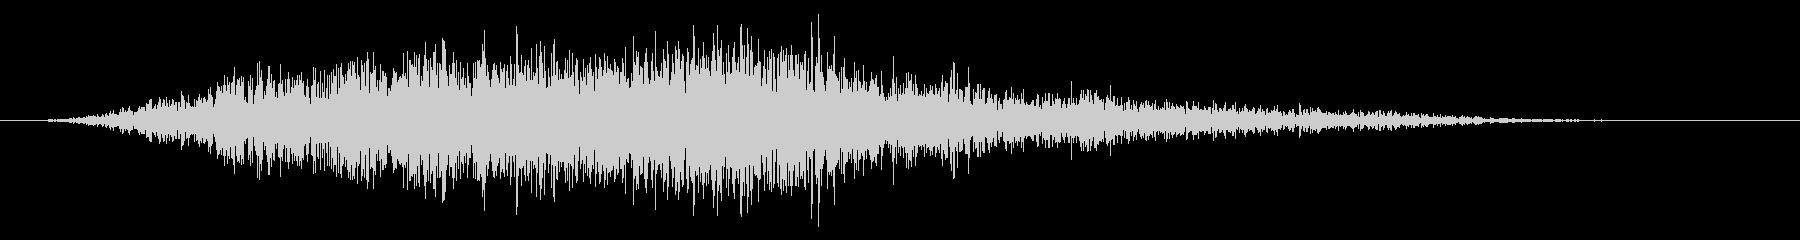 スローメタリックブジングウーの未再生の波形